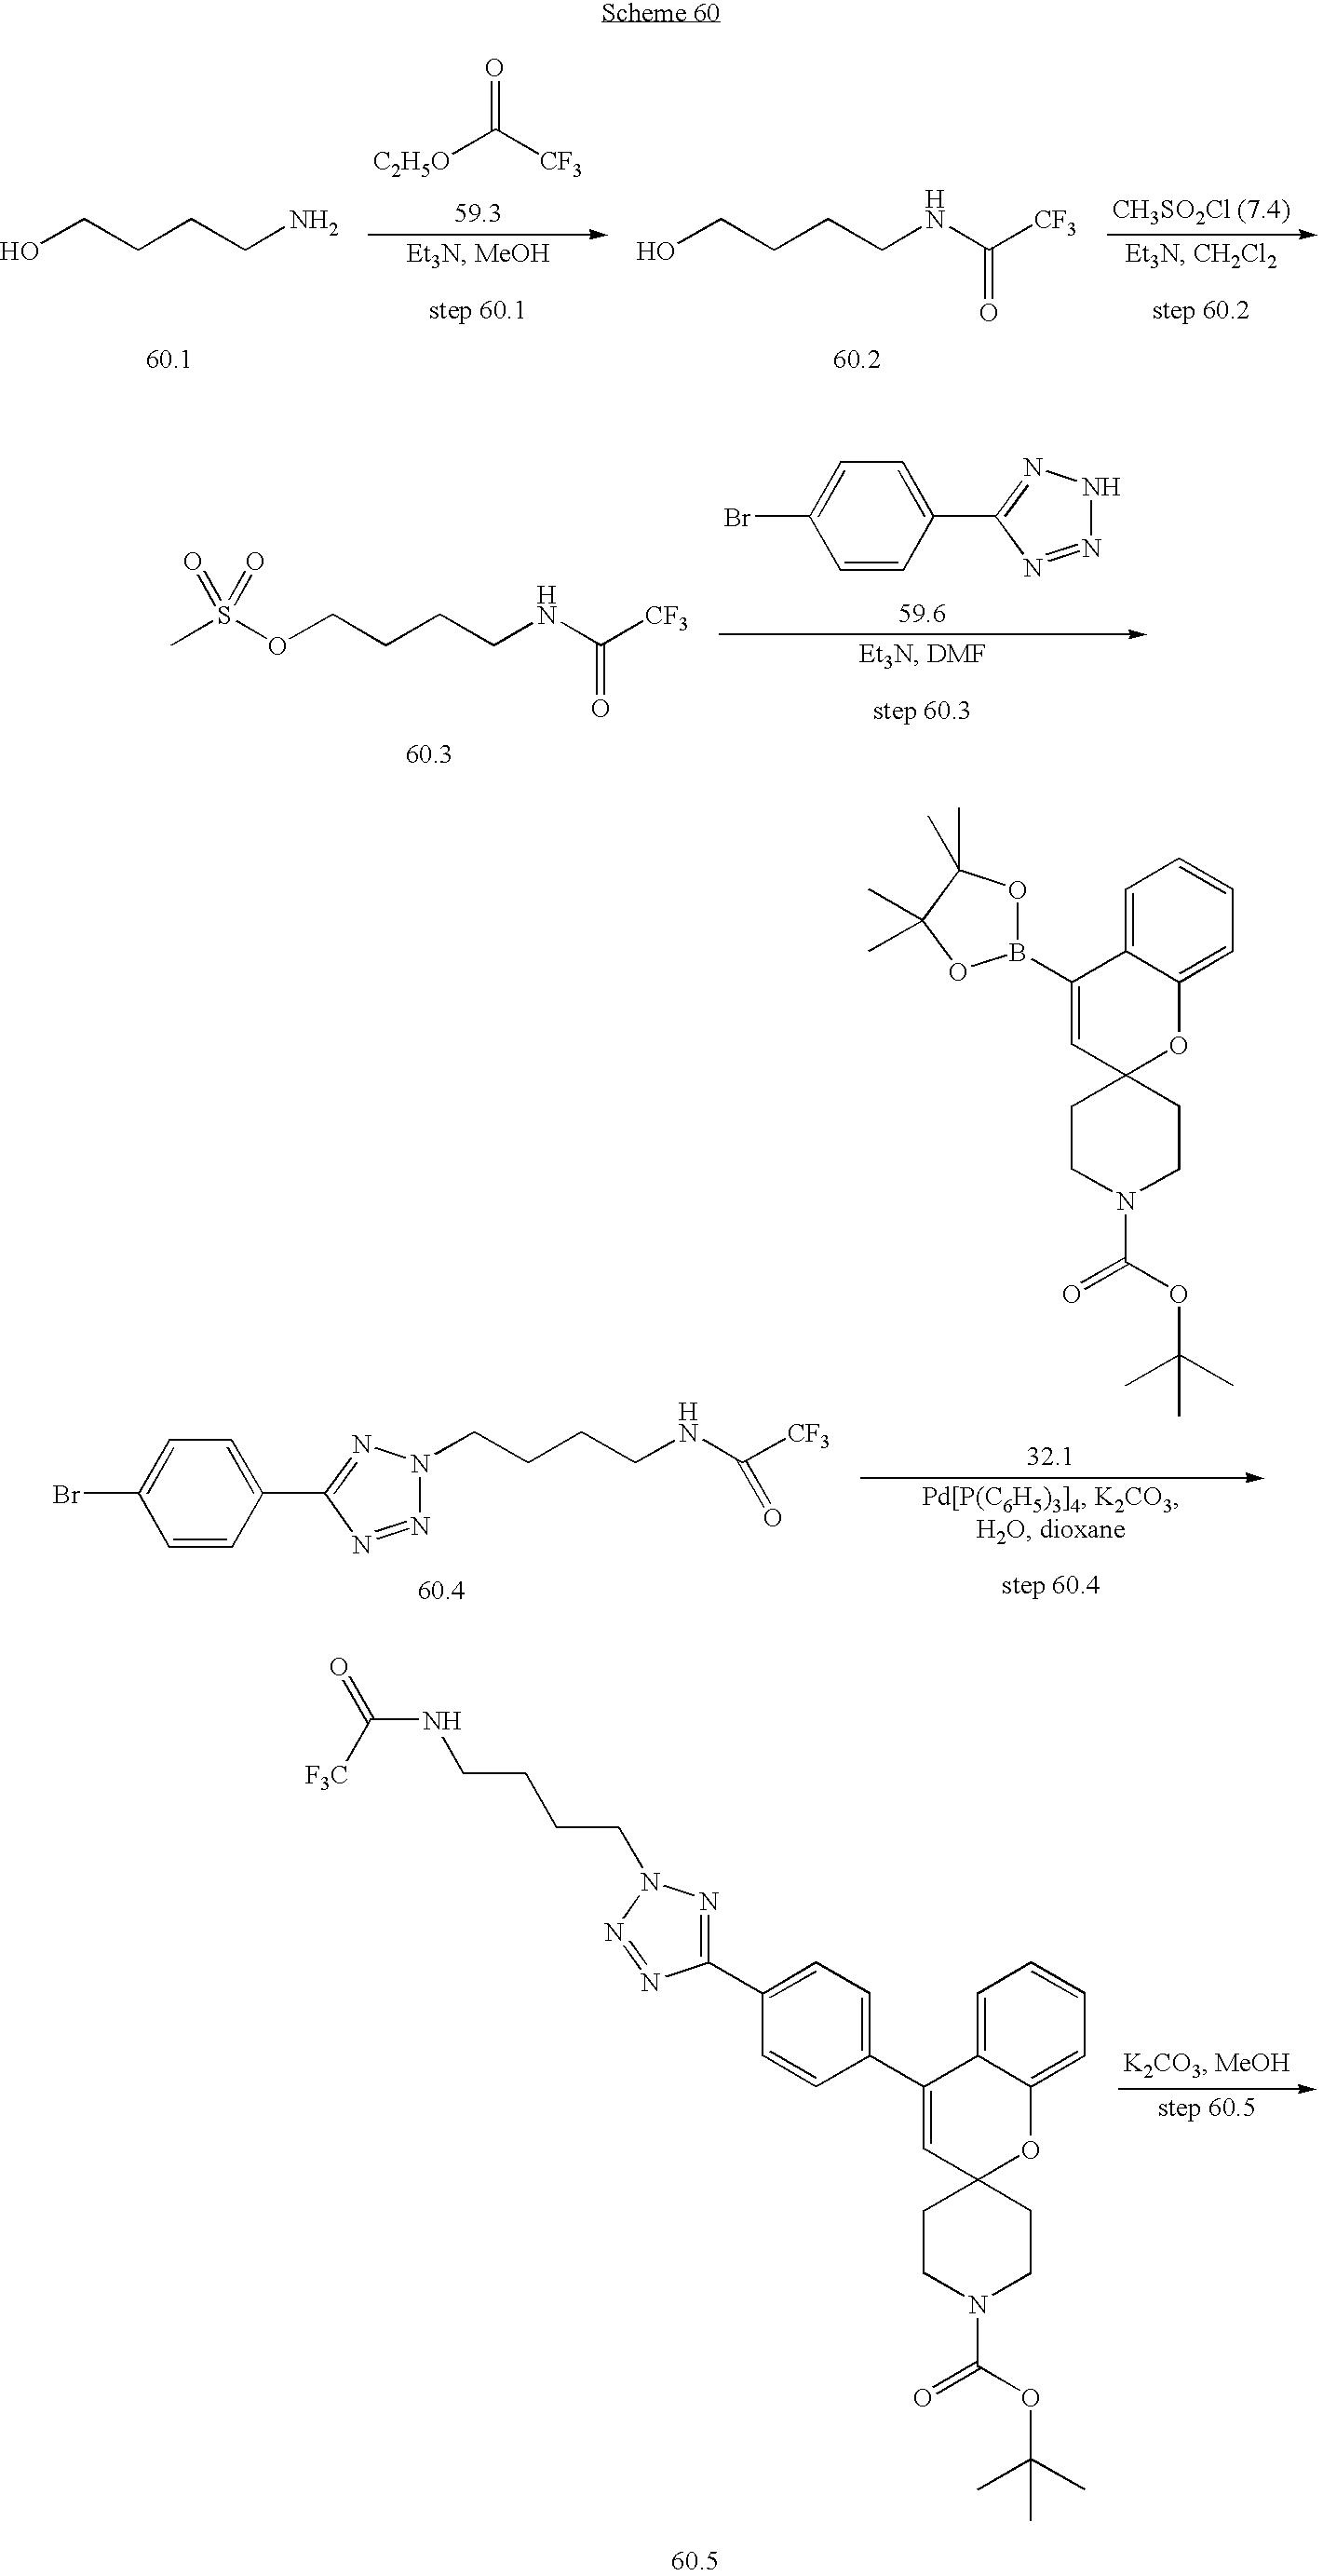 Figure US07598261-20091006-C00269